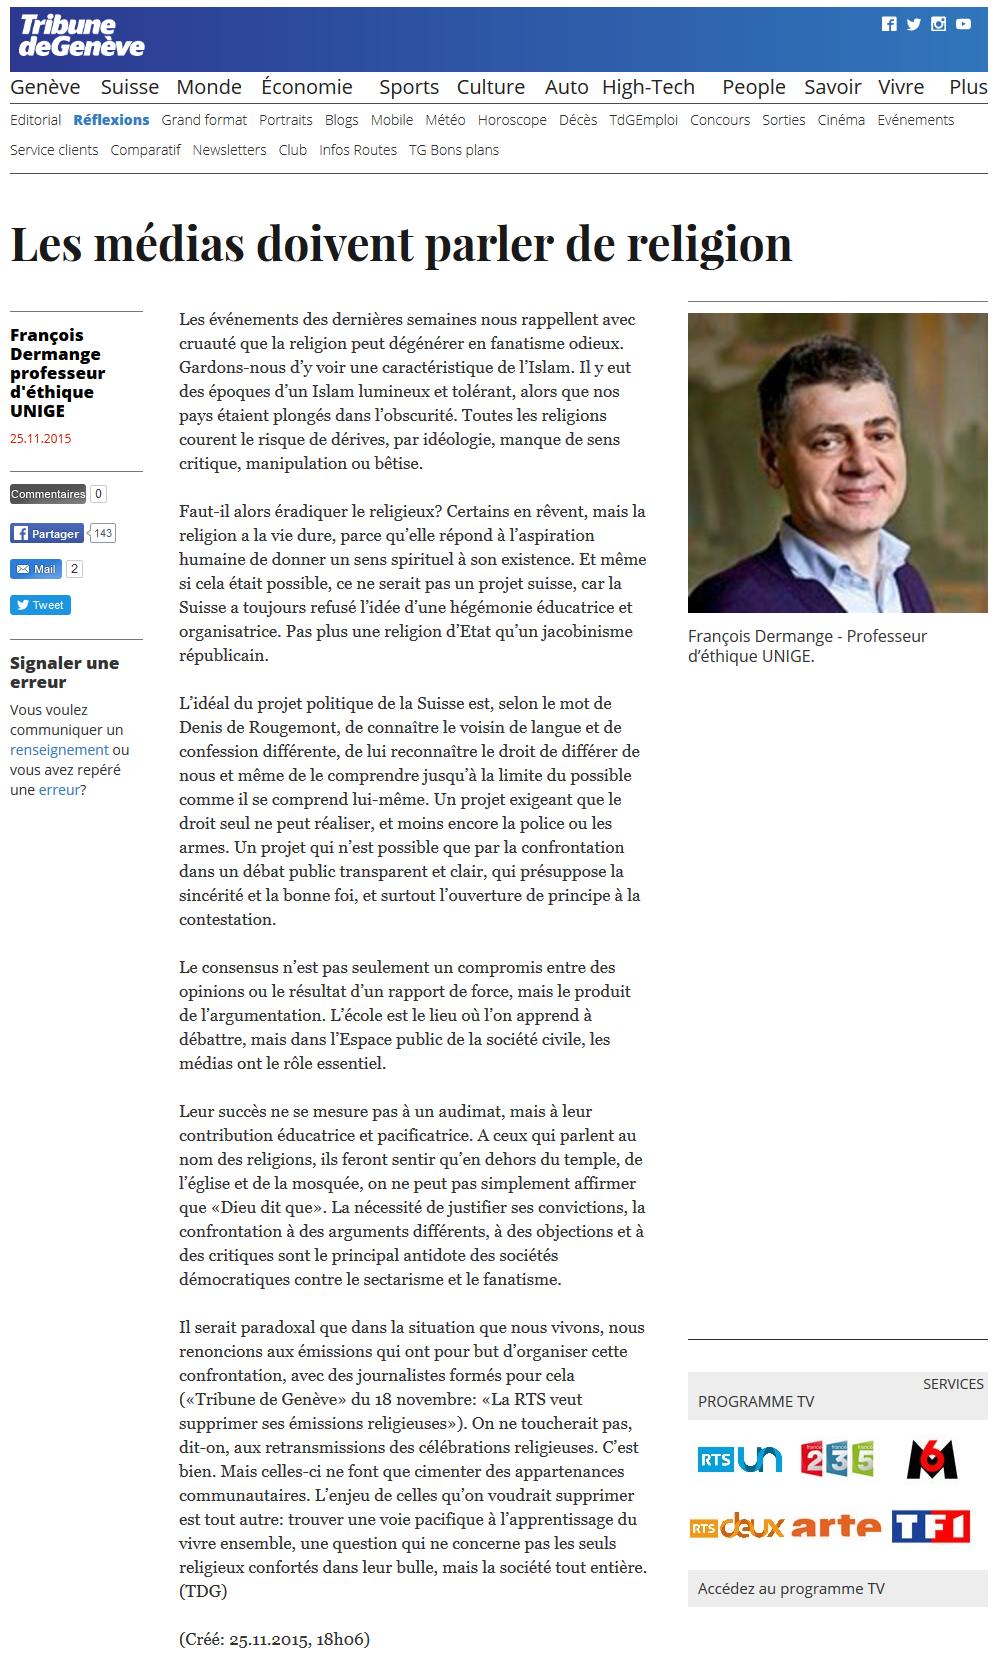 2015-11-25 F Dermange - les médias doivent parler religion (Tribune de Genève)